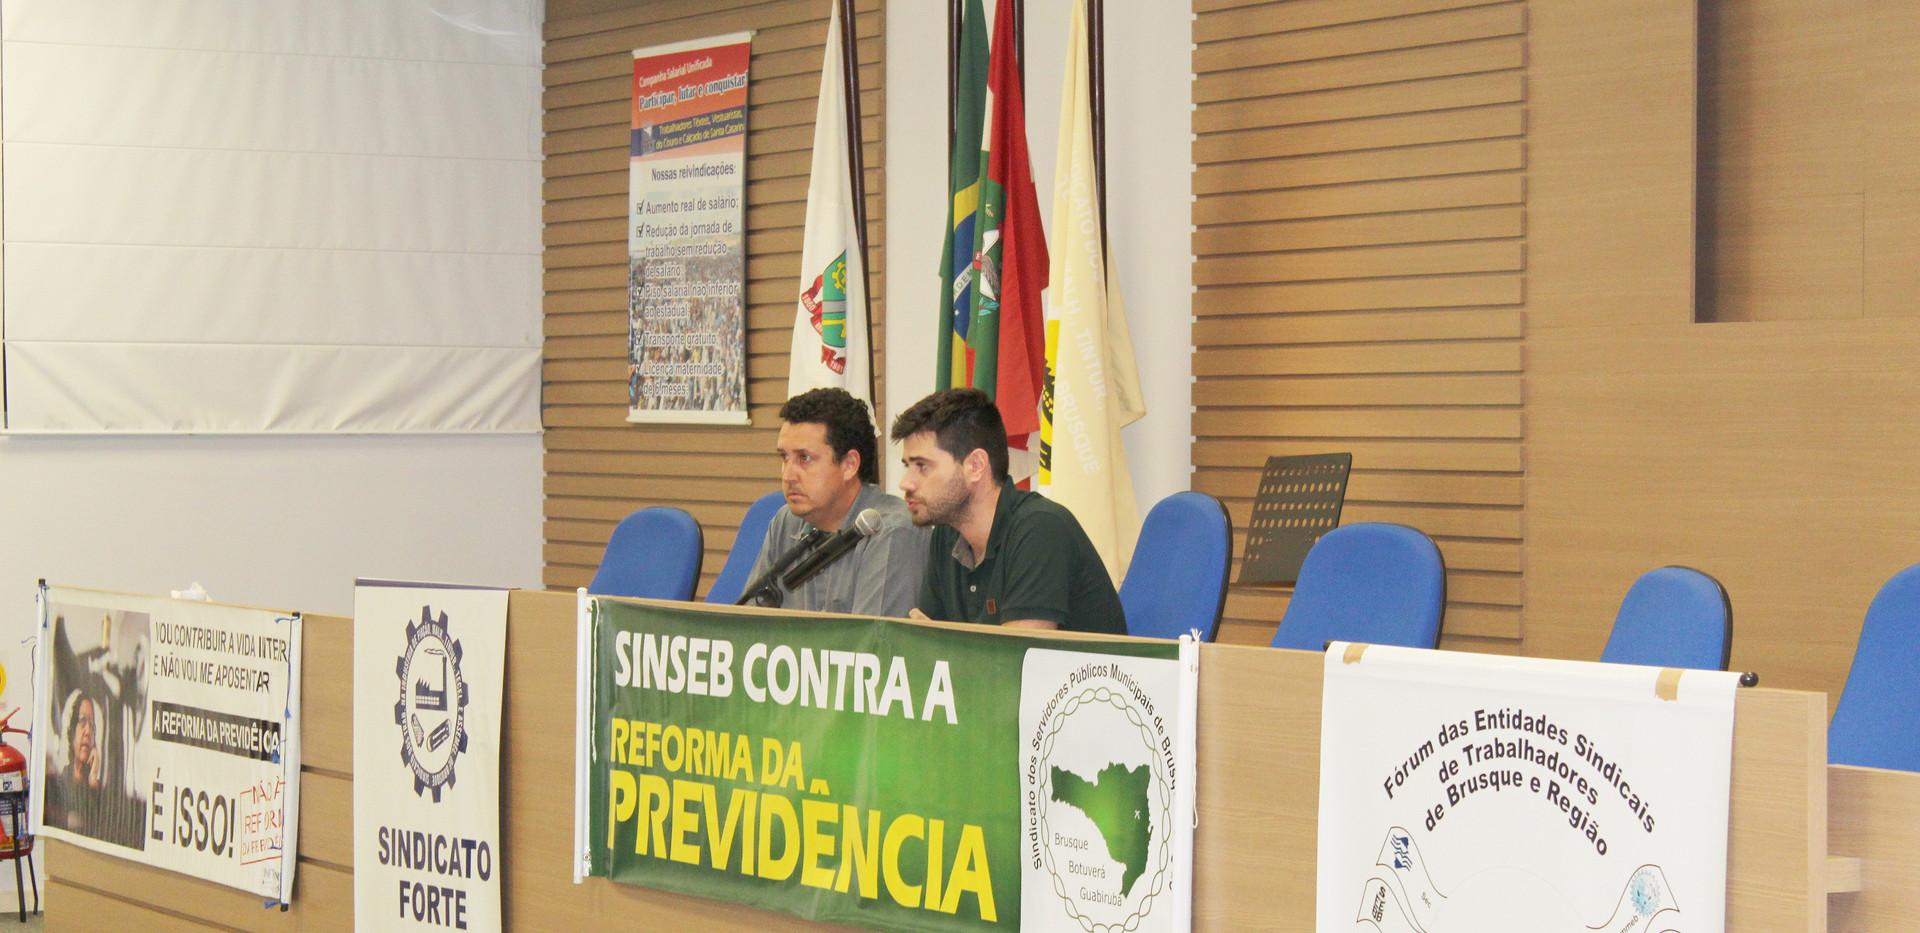 Palestra Reforma da Previdência.jpg